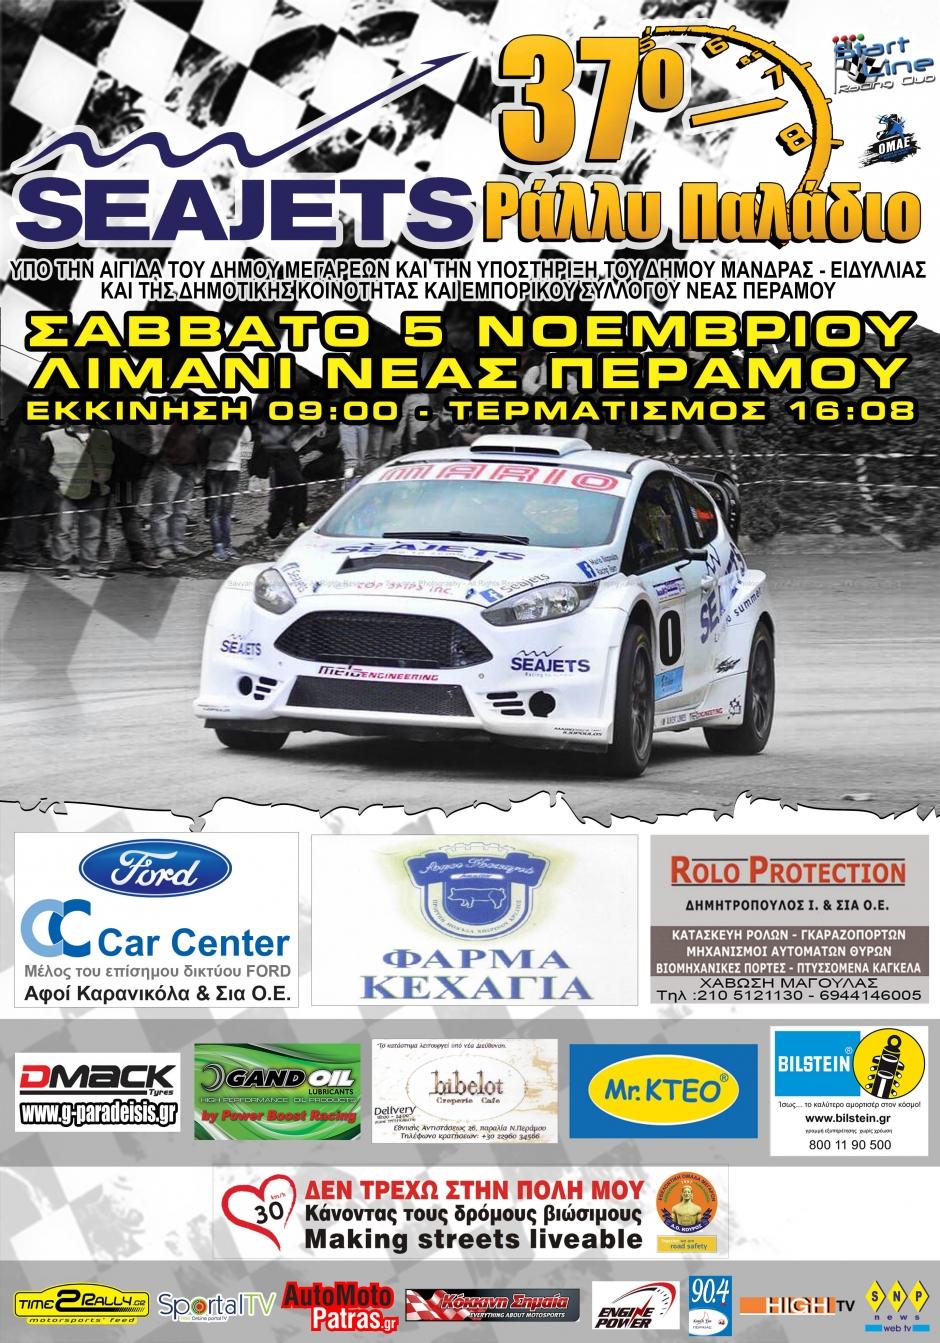 seajets-rally-paladio-2016-afisa